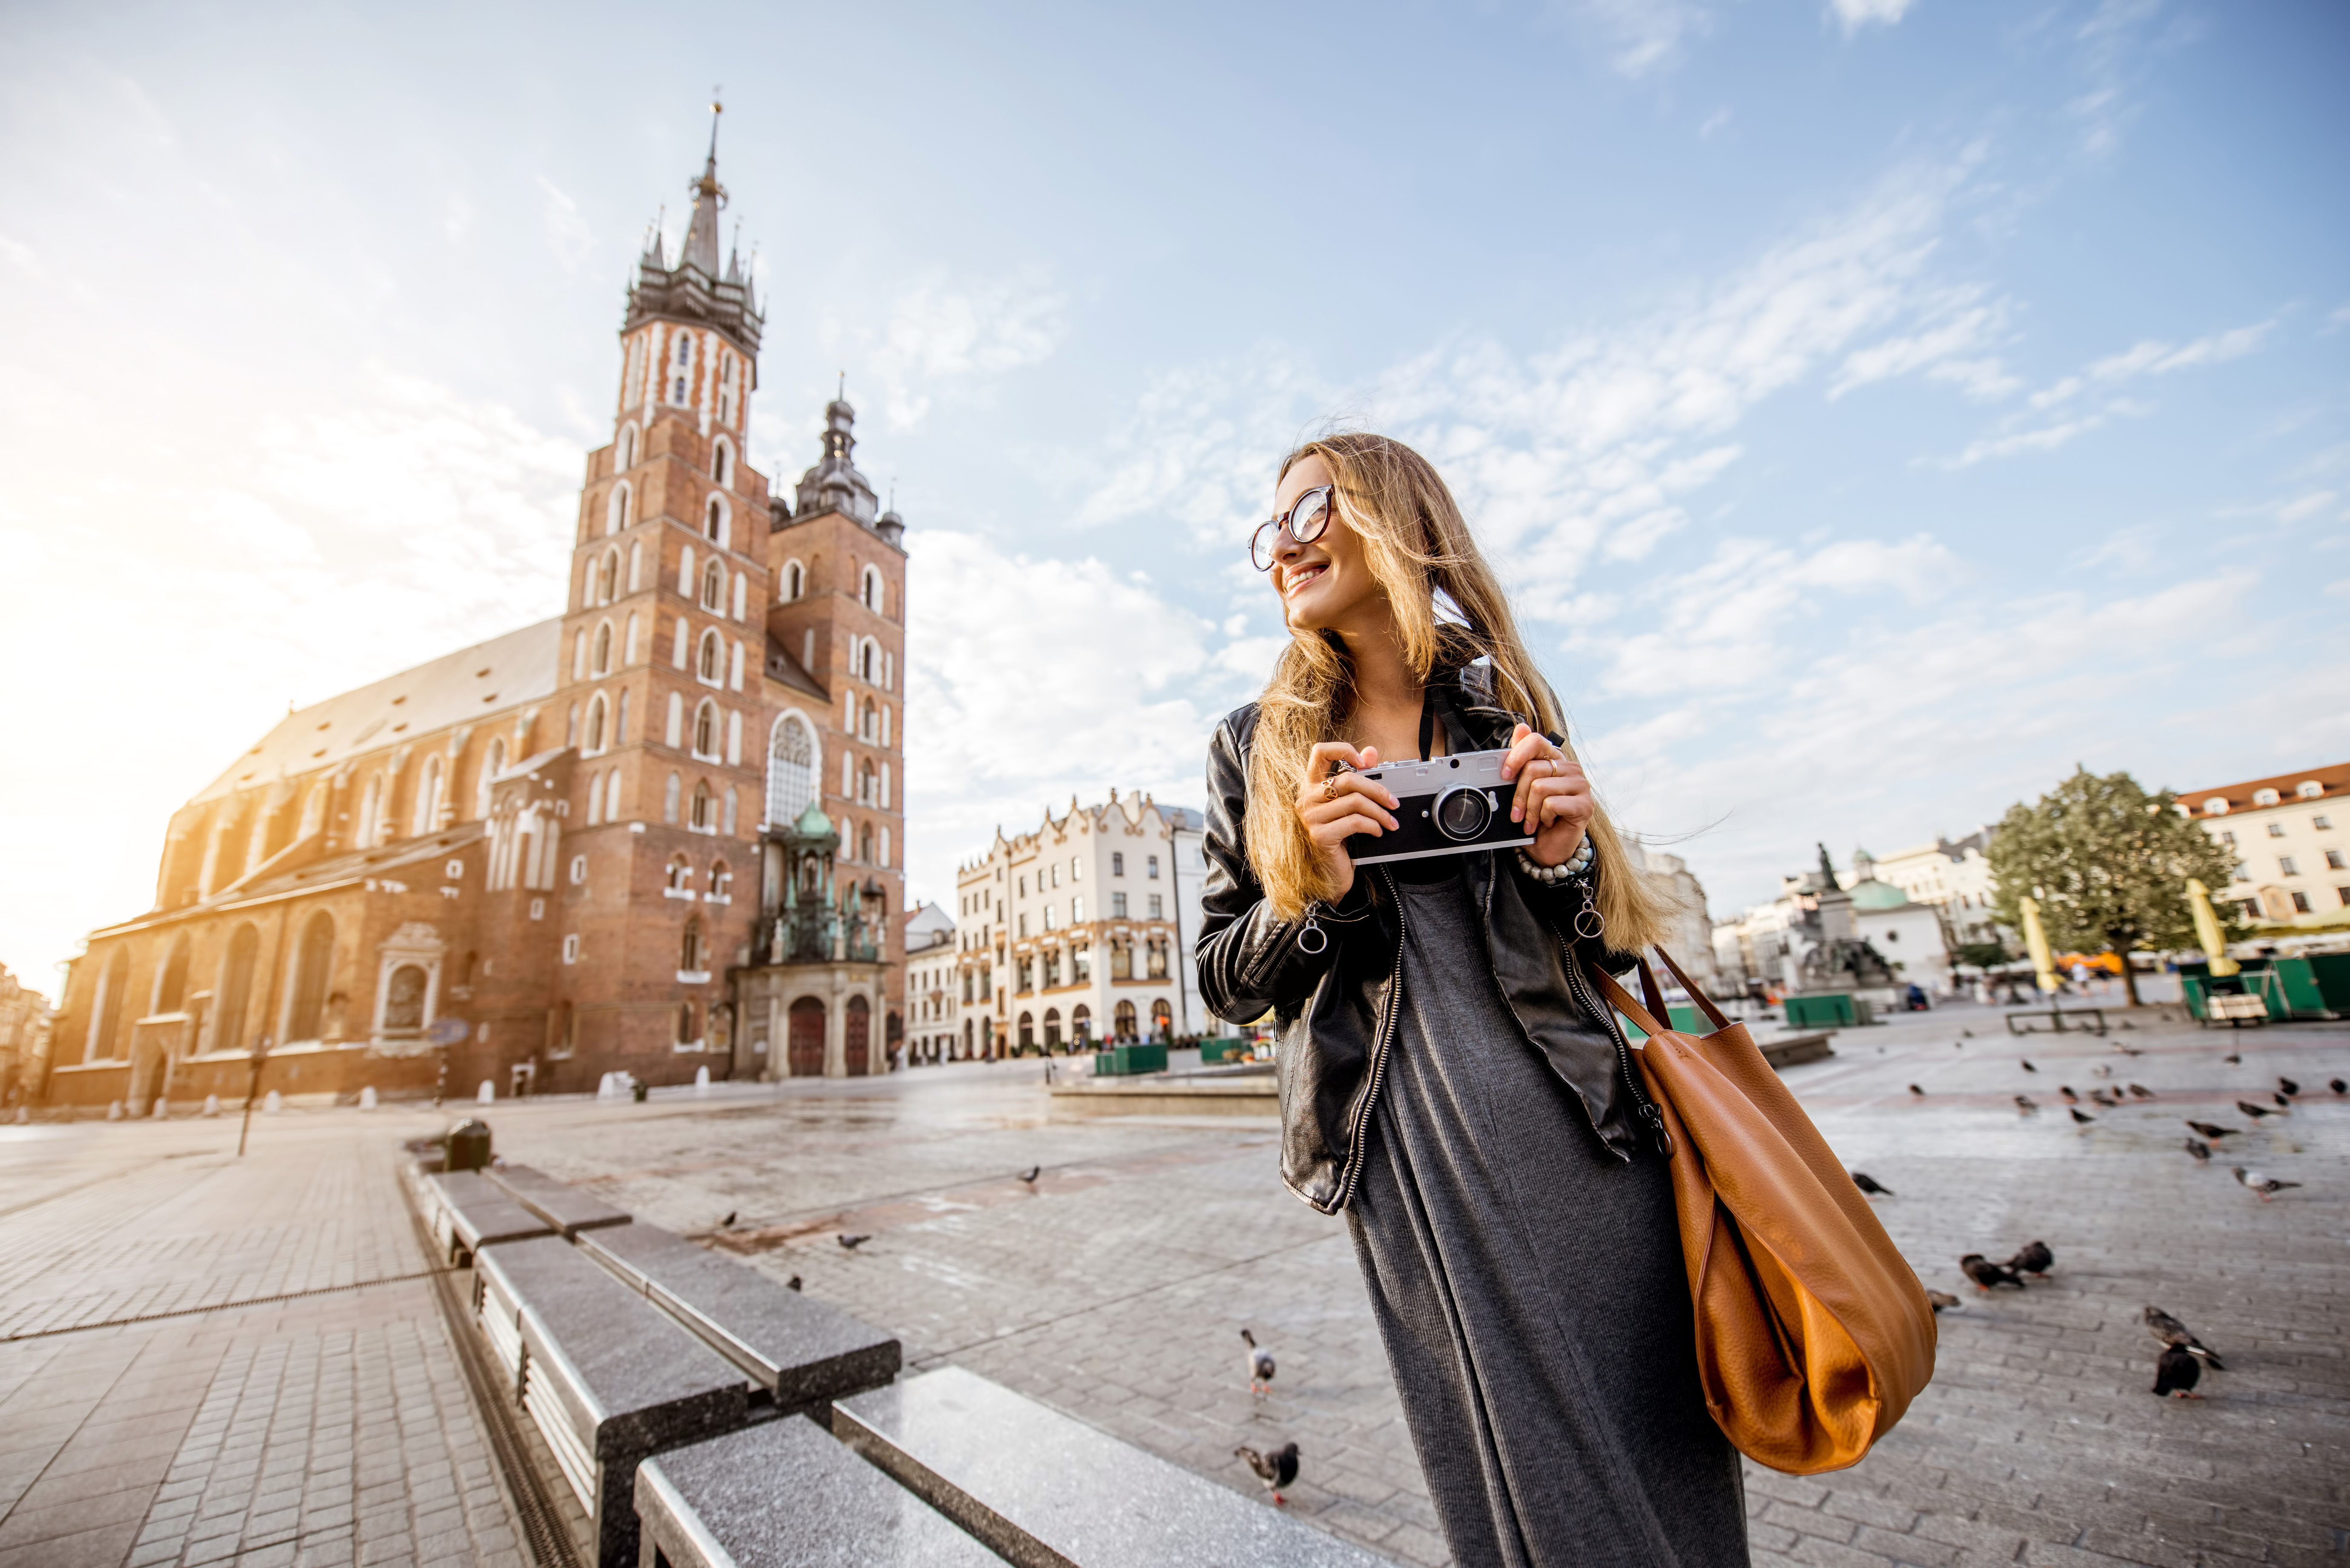 wycieczki dla grup zorganizowanych Krakow